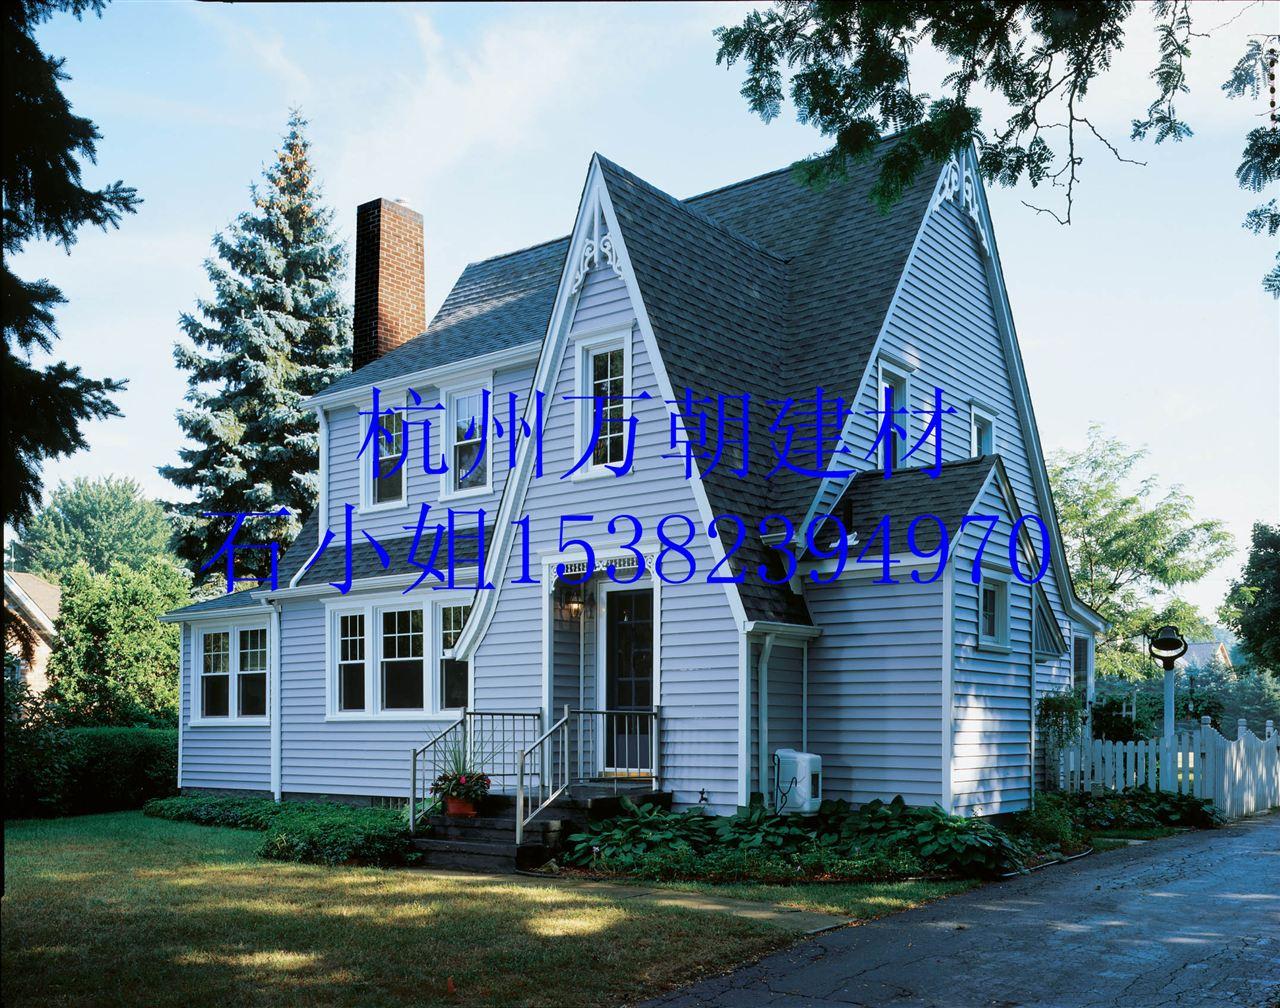 10、屋顶承重轻:铺装每平方米屋顶所用材料为10公斤左右。传统屋瓦:45公斤/平方米。 11、独特的建筑风格、经久耐用(20~35年不等)、色彩多样化(装饰功能显著)、质轻屋面承受能力小、适用范围广(坡度:20~90度)、全天候性、防尘自洁性、隔热性、吸声隔音性、耐腐蚀性。句容沥青瓦厂家15382394970